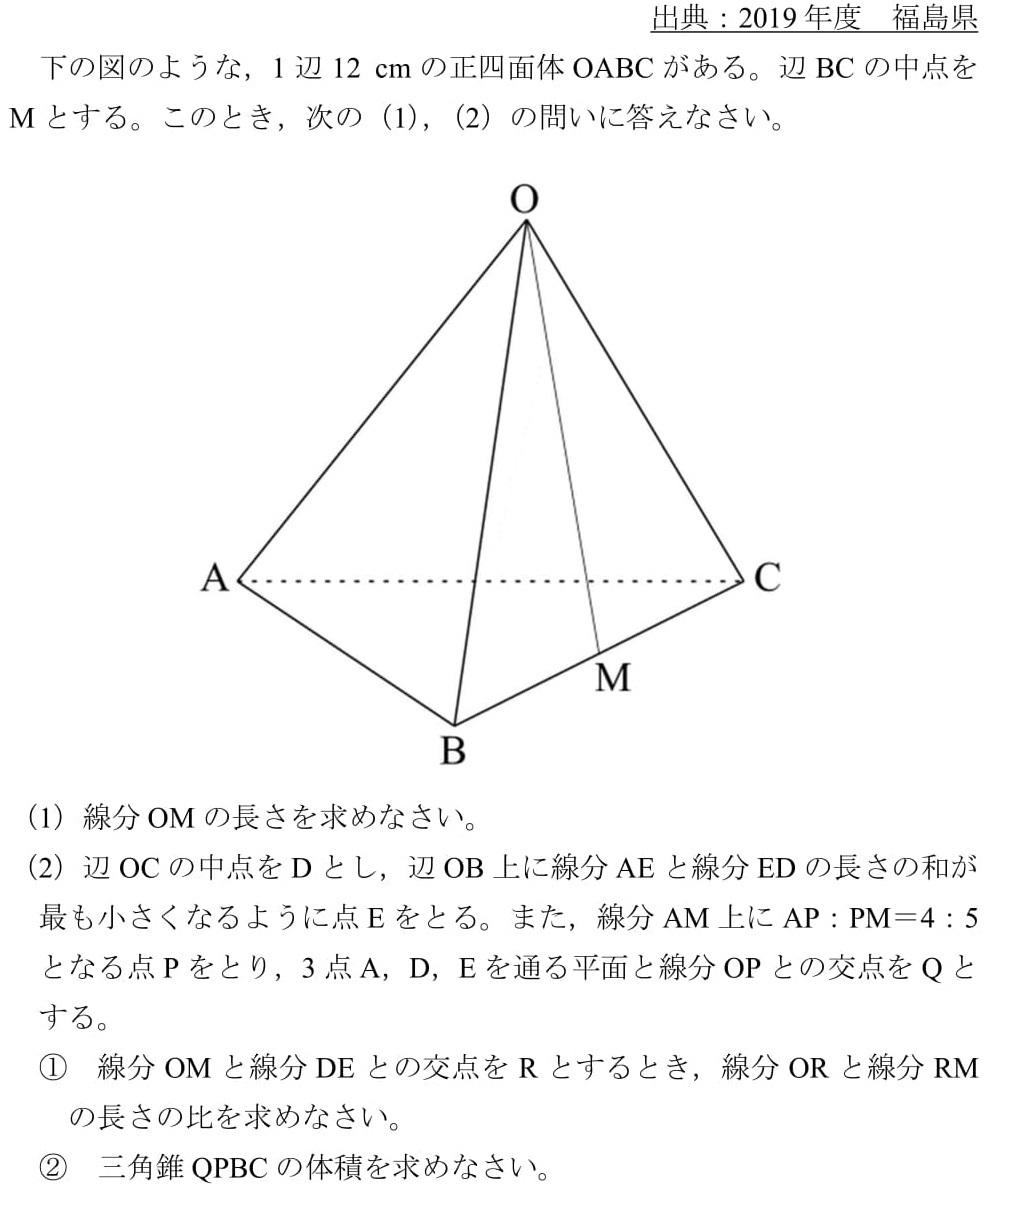 正答率0% 高校入試 数学 2019 福島 過去問 解説 解答 難問